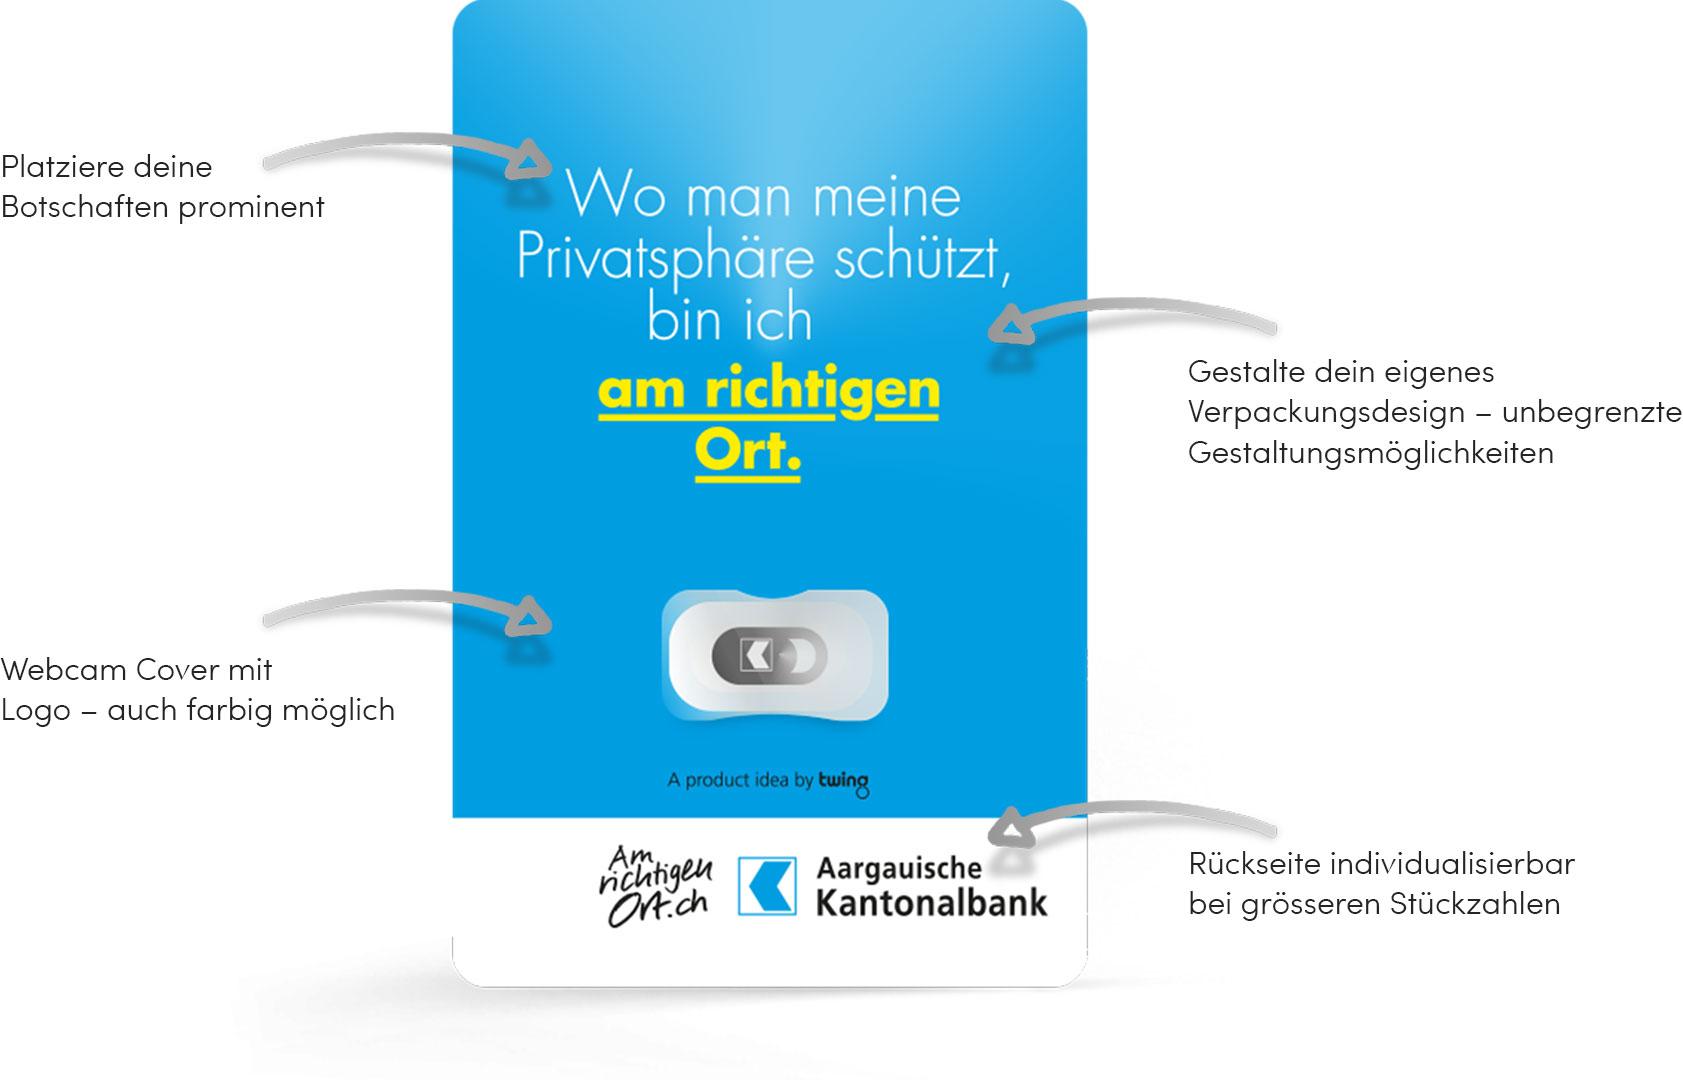 Twing Webcam Cover: Eigenes Verpackungsdesign möglich. Nur bei Twing: Webcam Abdeckungen mit CI/CD Verpackungsdesign.